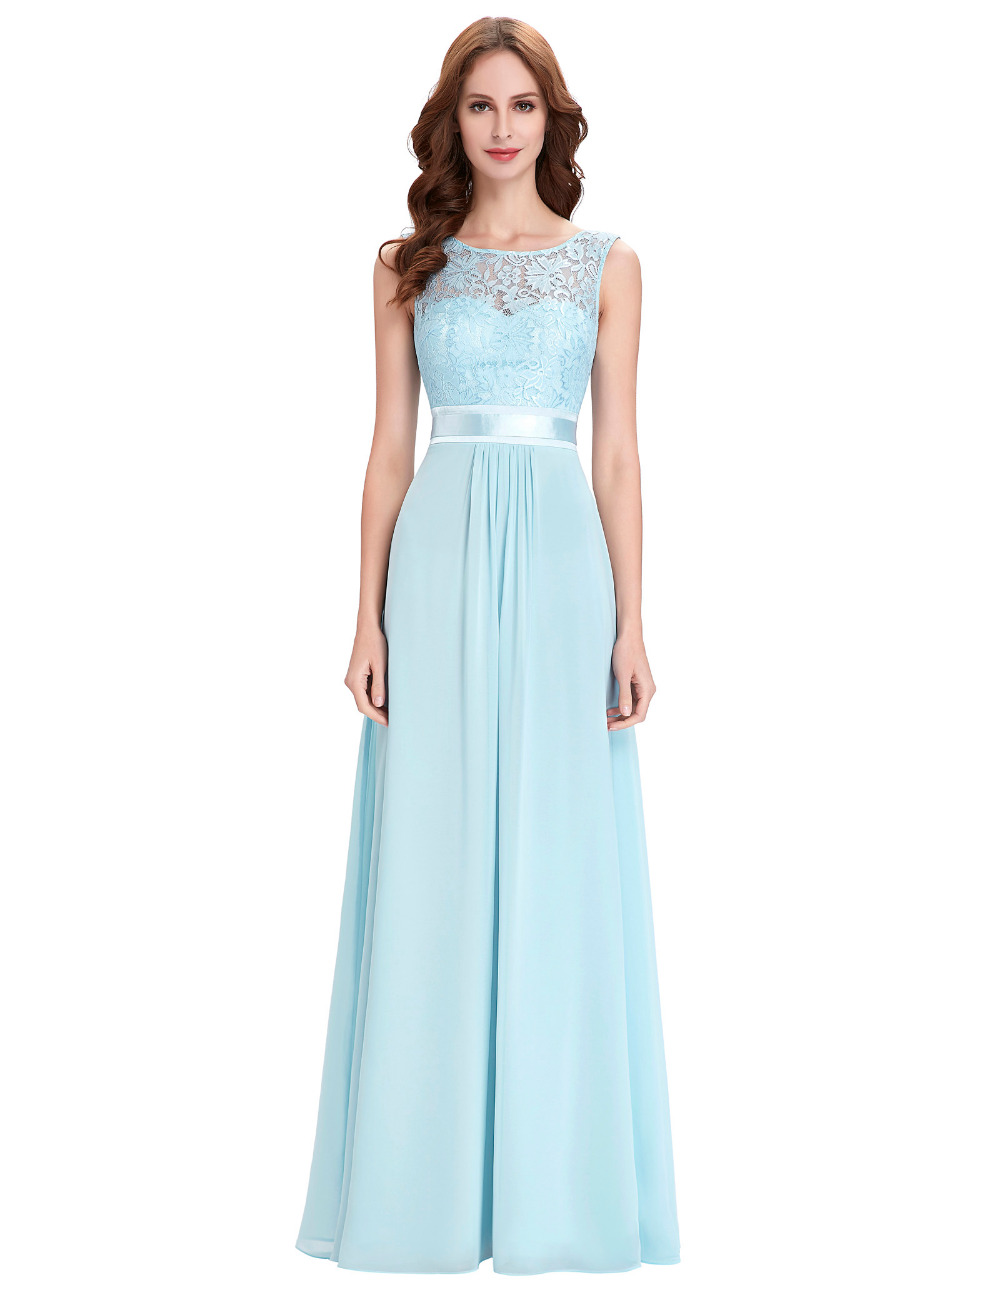 Designer Evening Gowns | Coctail Dresses